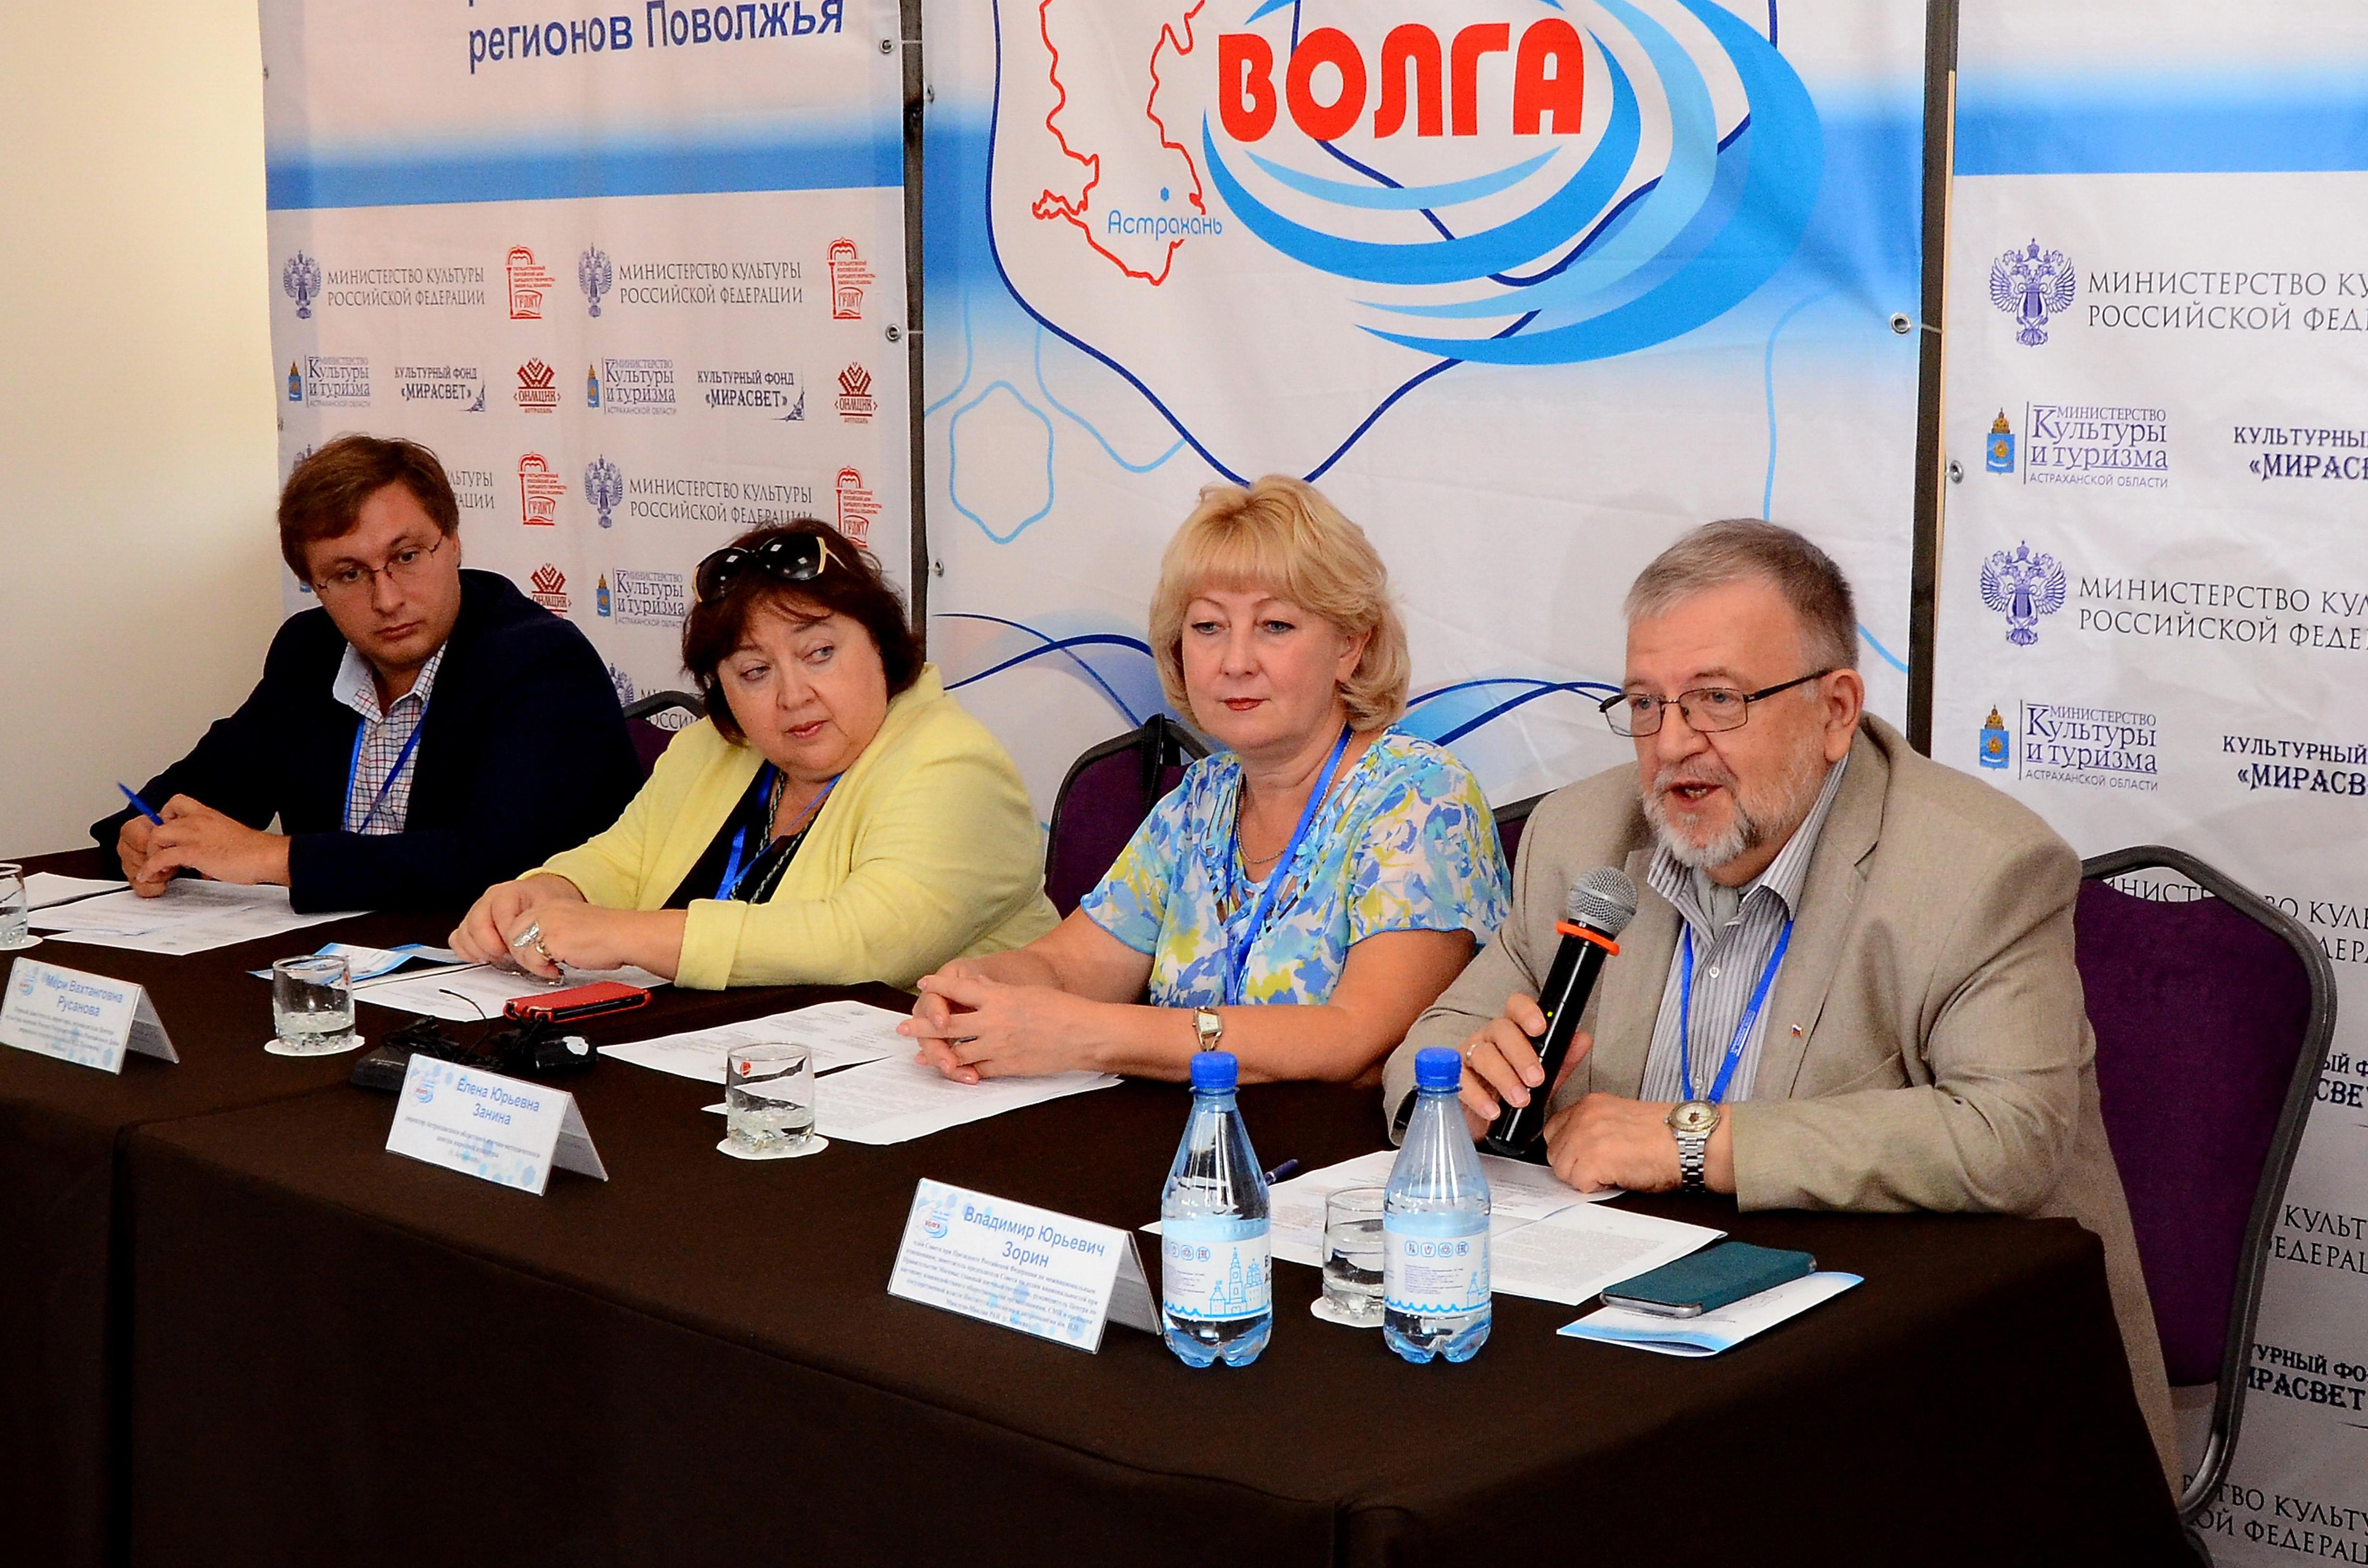 В Астрахани состоялась пресс-конференция межрегионального фестиваля «Нас на века объединила Волга»